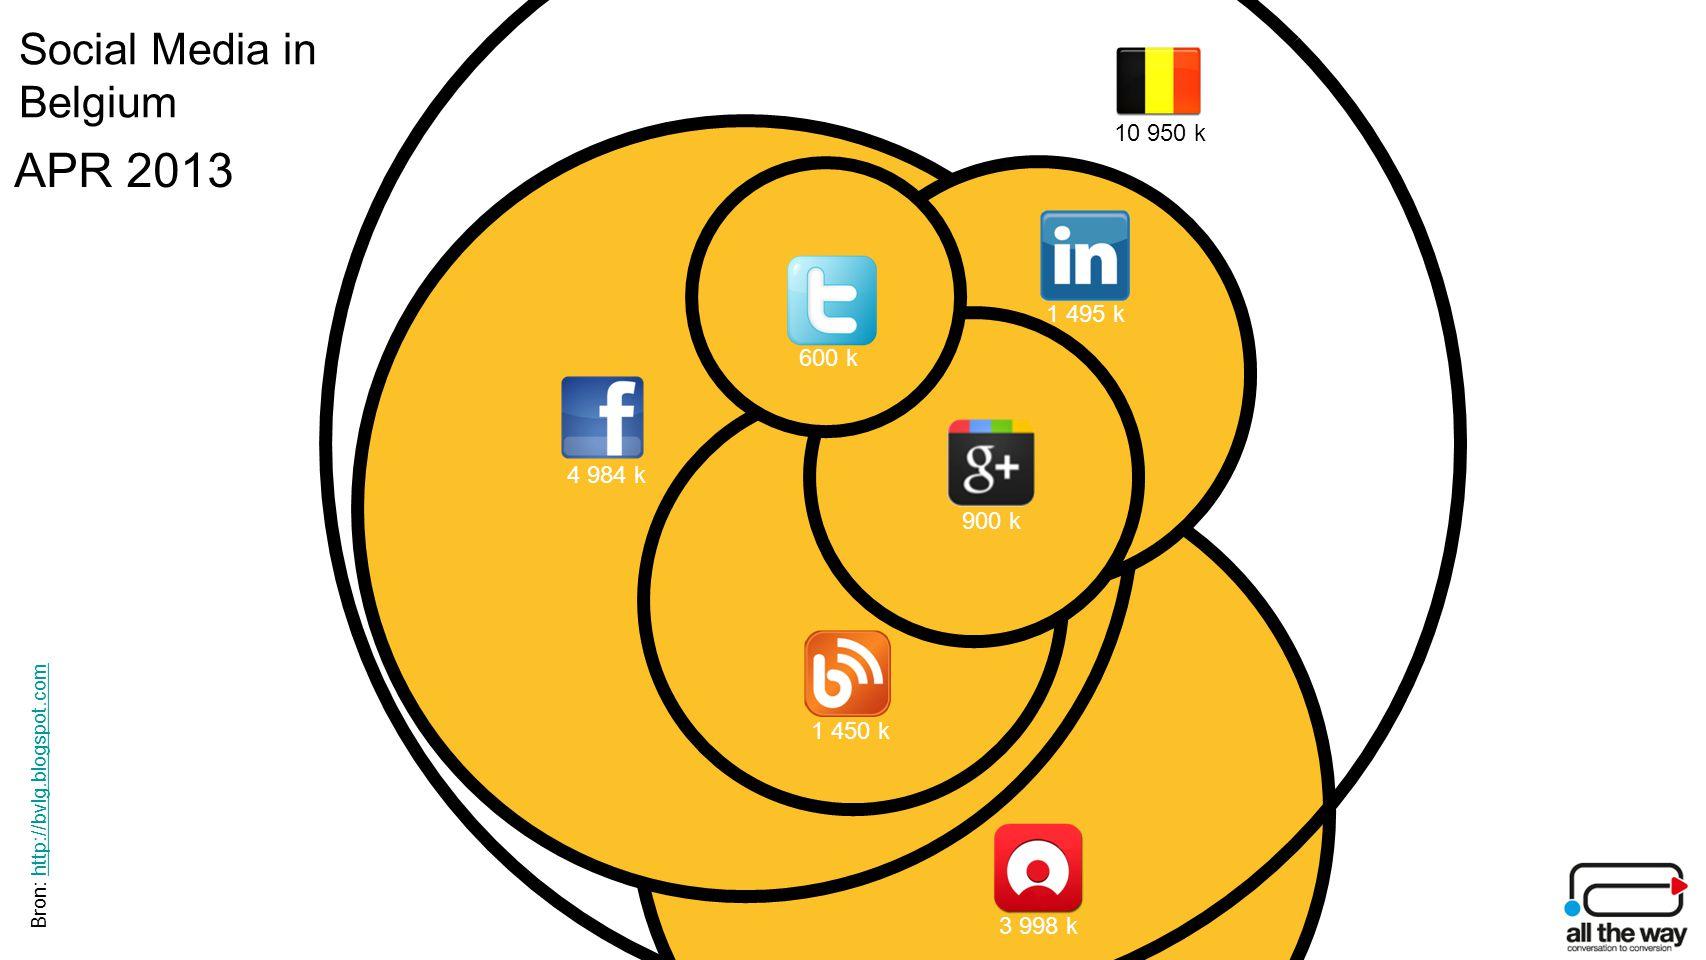 Bron: http://bvlg.blogspot.comhttp://bvlg.blogspot.com Social Media in Belgium APR 2013 10 950 k 4 984 k 3 998 k 1 450 k 1 495 k 900 k 600 k